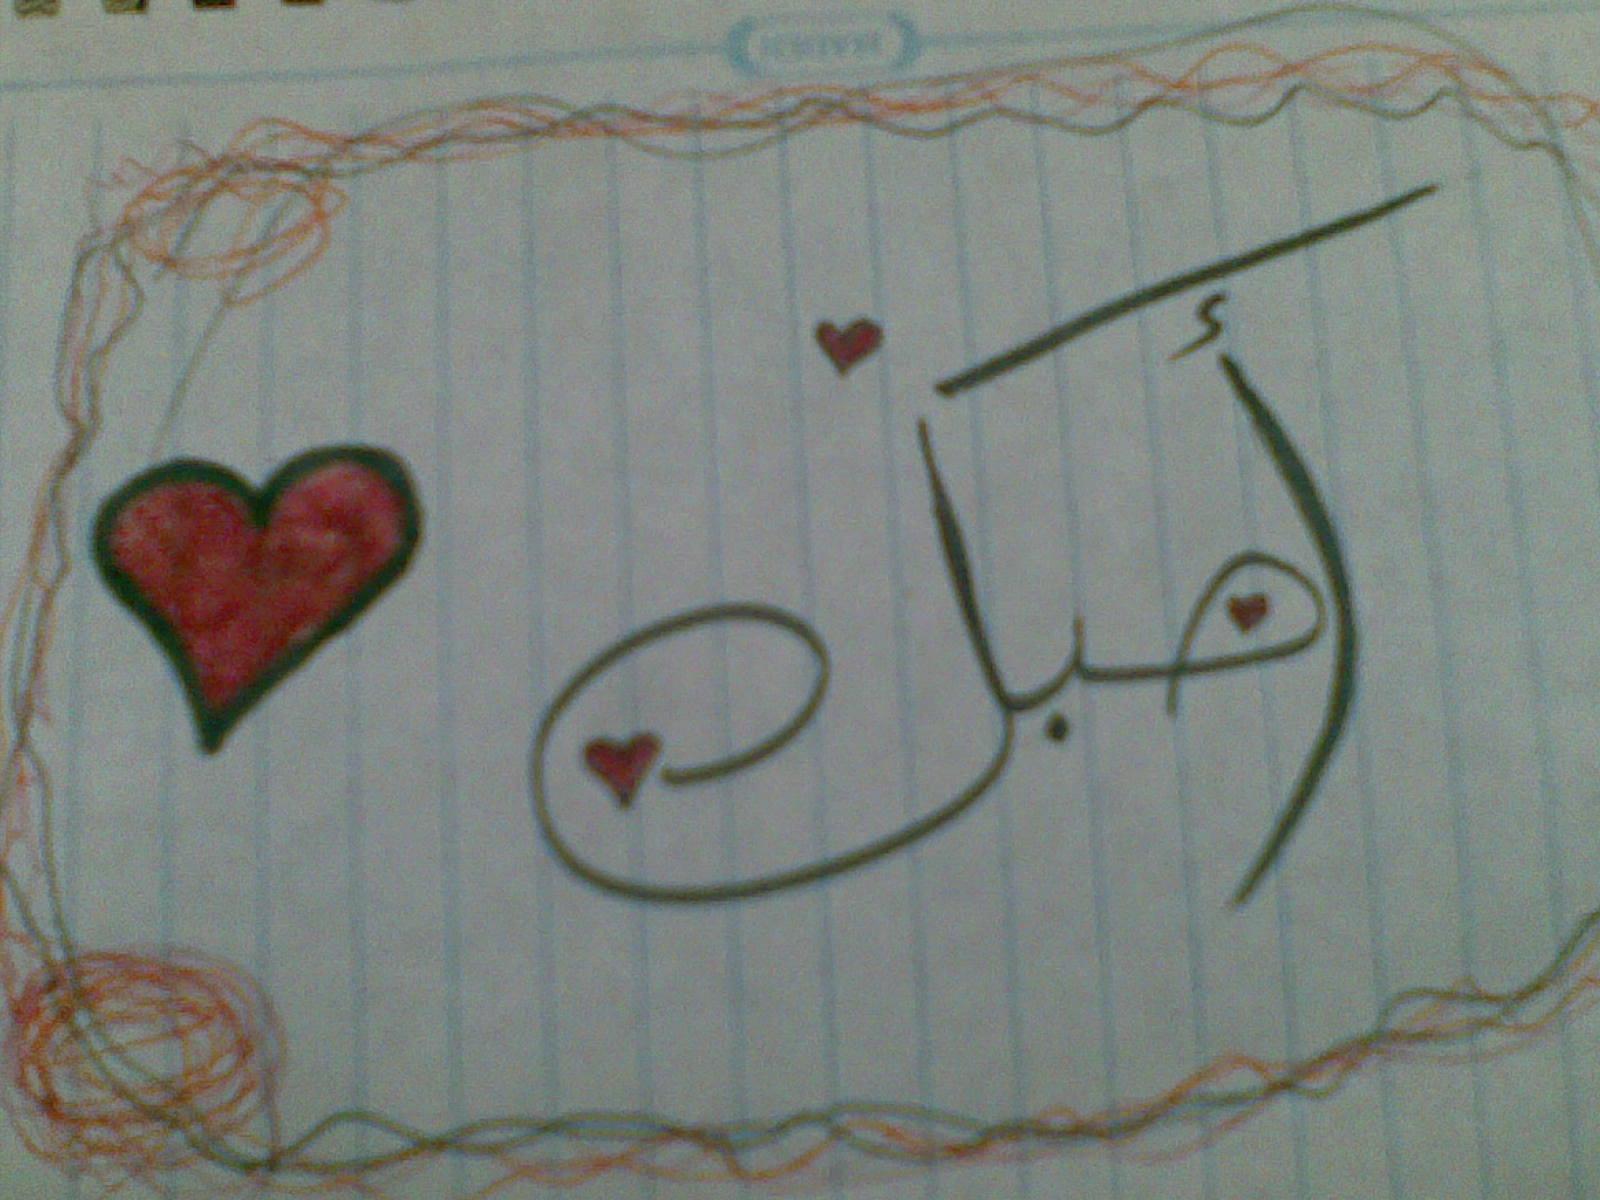 صورة كلمة احبك , اجمل صور كلمه احبك 5655 4